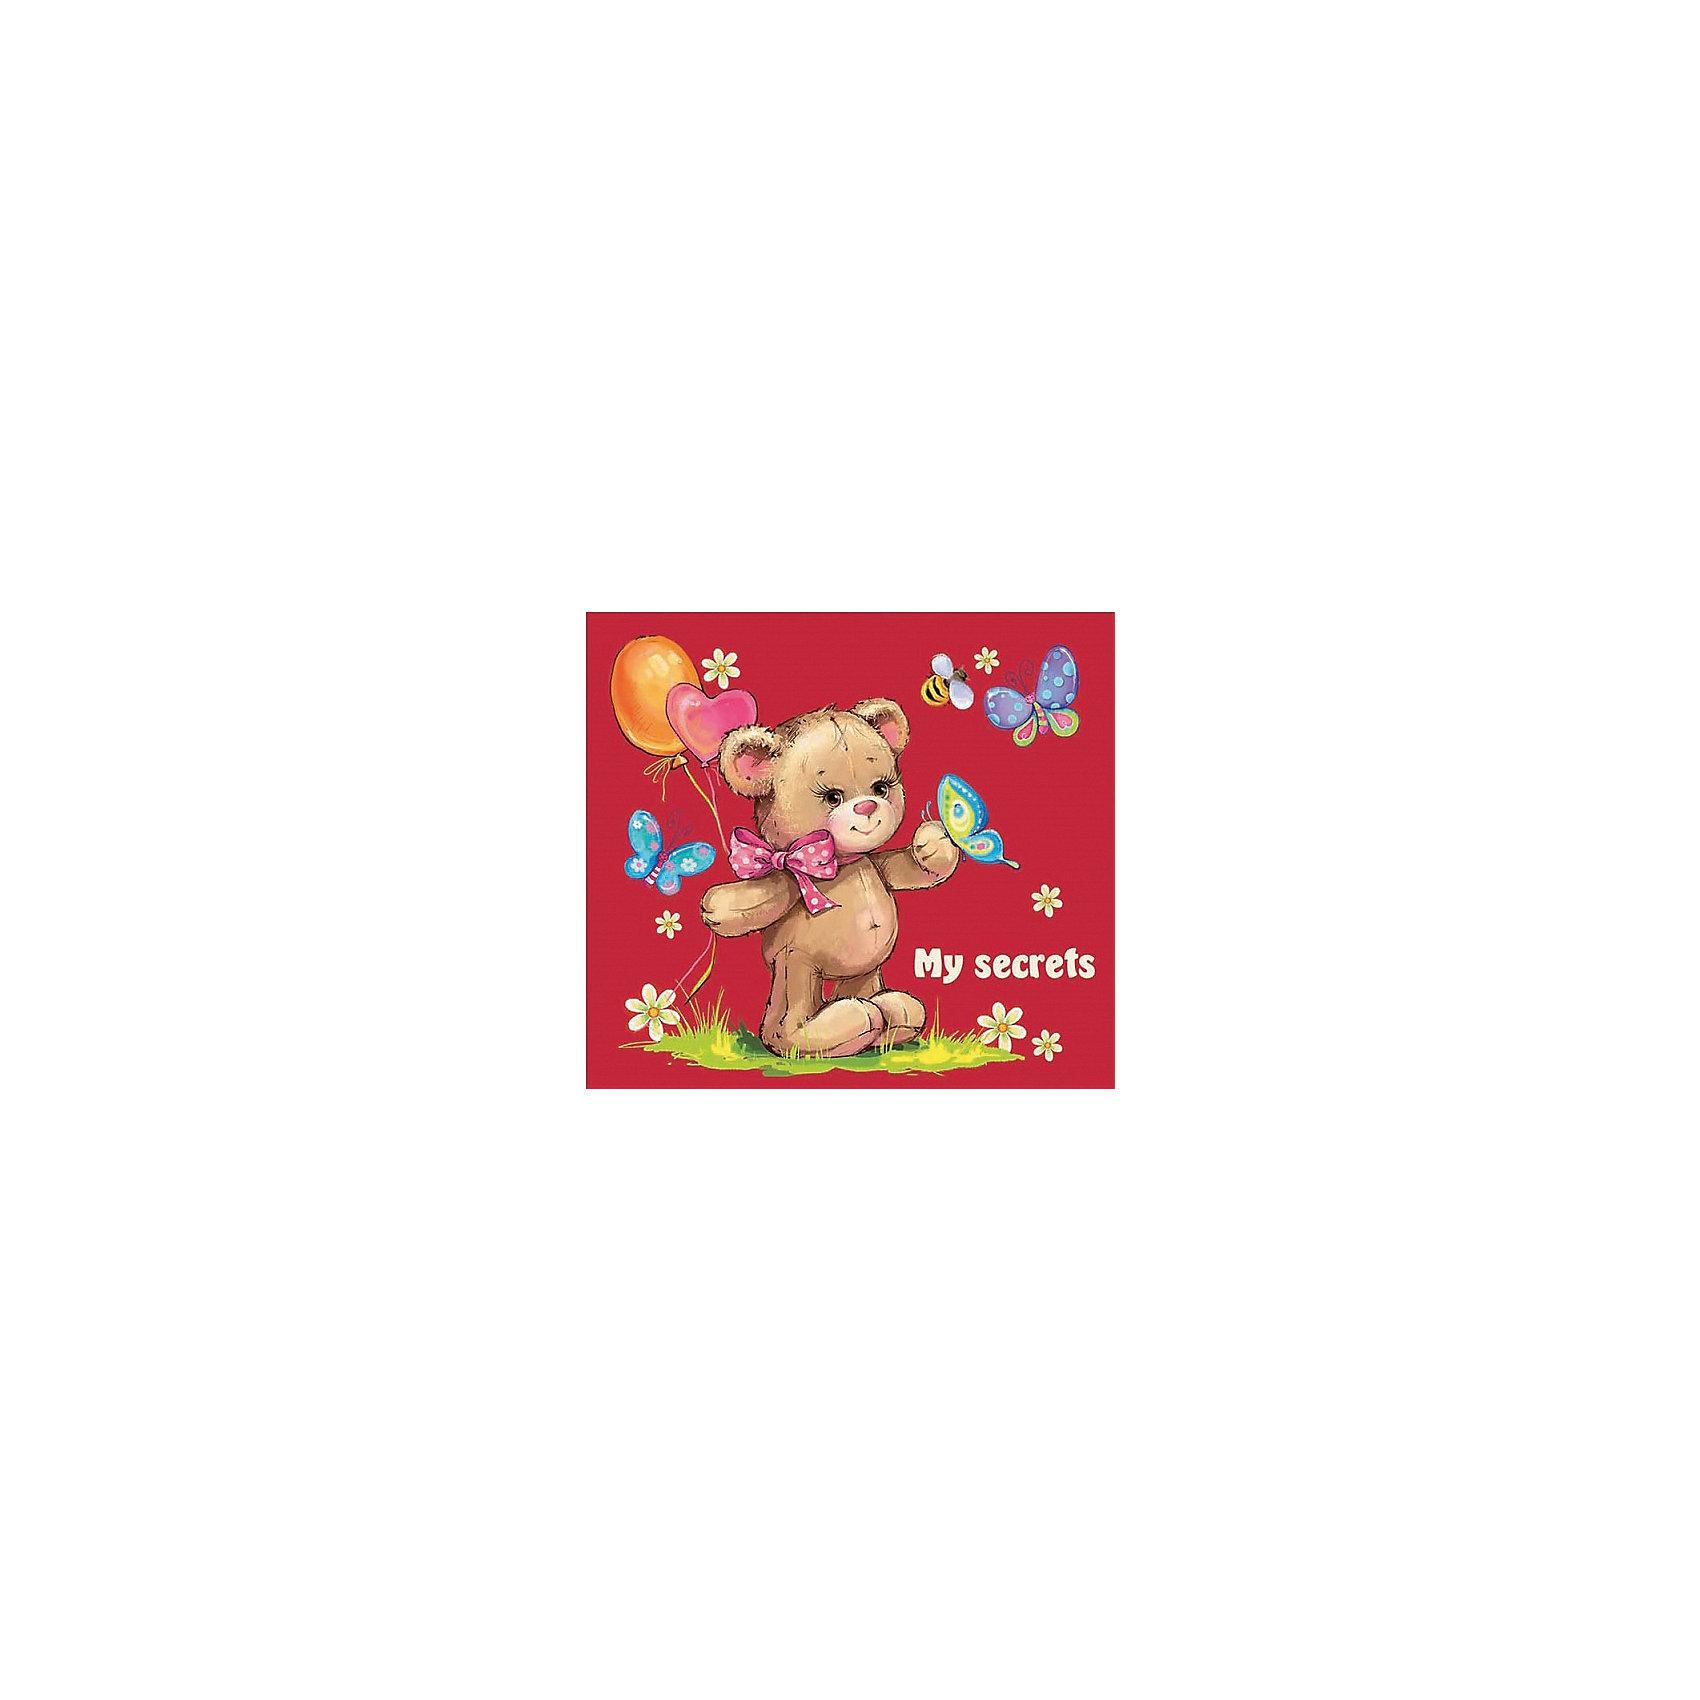 Органайзер трехблочный Мишка с шариками Феникс+Бумажная продукция<br>Органайзер трехблочный детский МИШКА С ШАРИКАМИ (95х85мм, магнит. замок, обл. 7 БЦ, глянц. пленка, тисн. золот. фольгой,  бум. офсет, одноцв. печать блока. 3 отрывных блока (30 л., 60л., 28л.), Инд. ПЭТ-упак.)<br><br>Ширина мм: 90<br>Глубина мм: 90<br>Высота мм: 25<br>Вес г: 125<br>Возраст от месяцев: 72<br>Возраст до месяцев: 2147483647<br>Пол: Унисекс<br>Возраст: Детский<br>SKU: 7046262